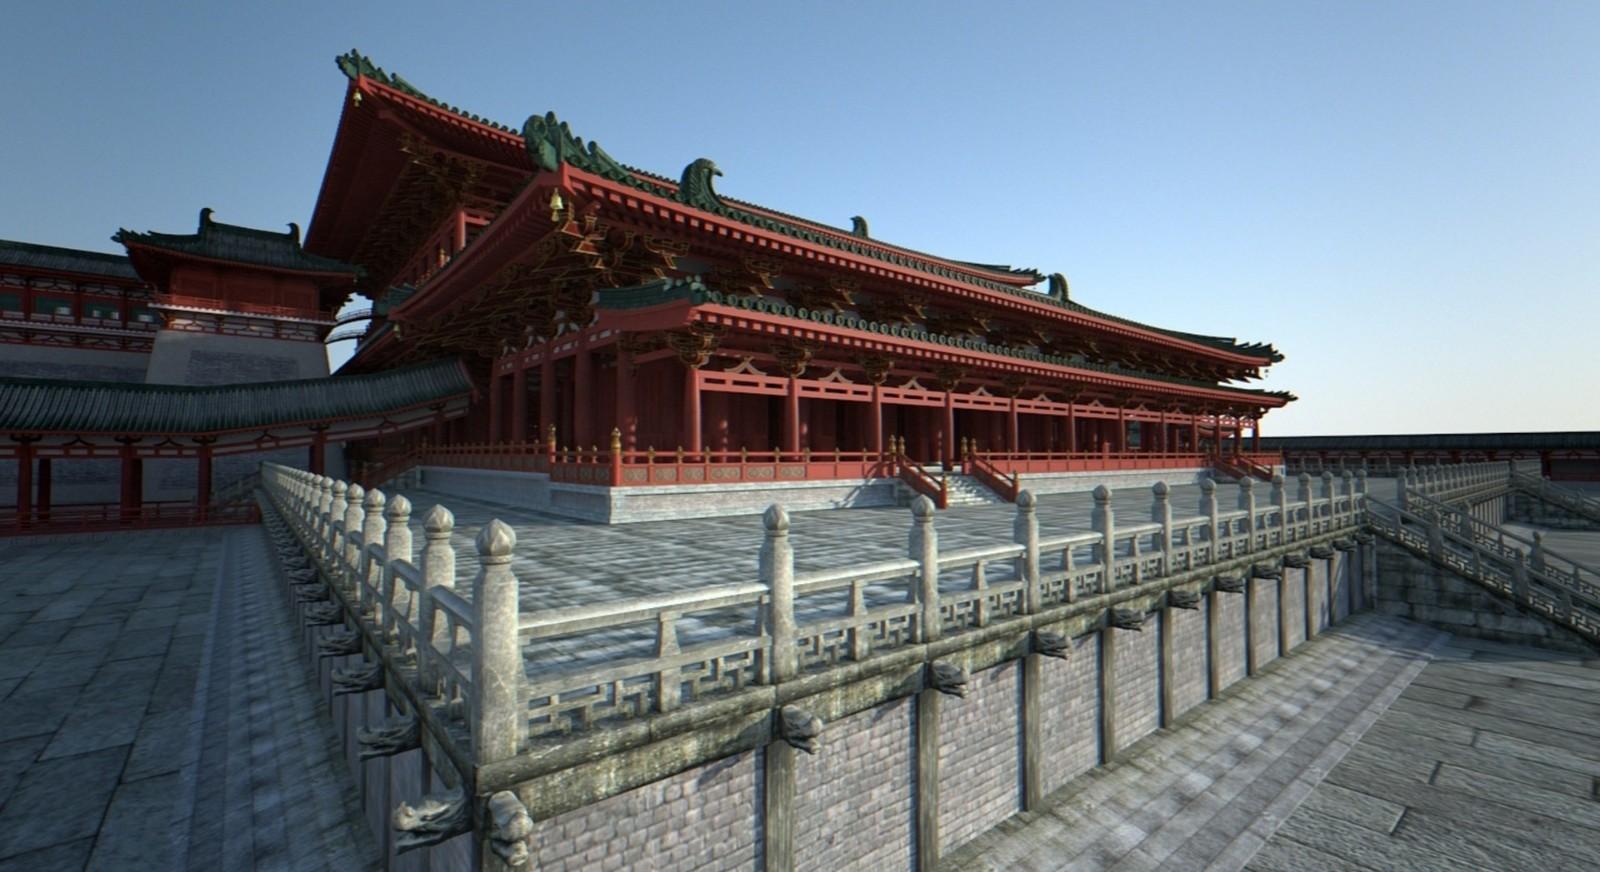 模拟建造《中国建筑师》11月30日发售 不用钉子、屹立千年